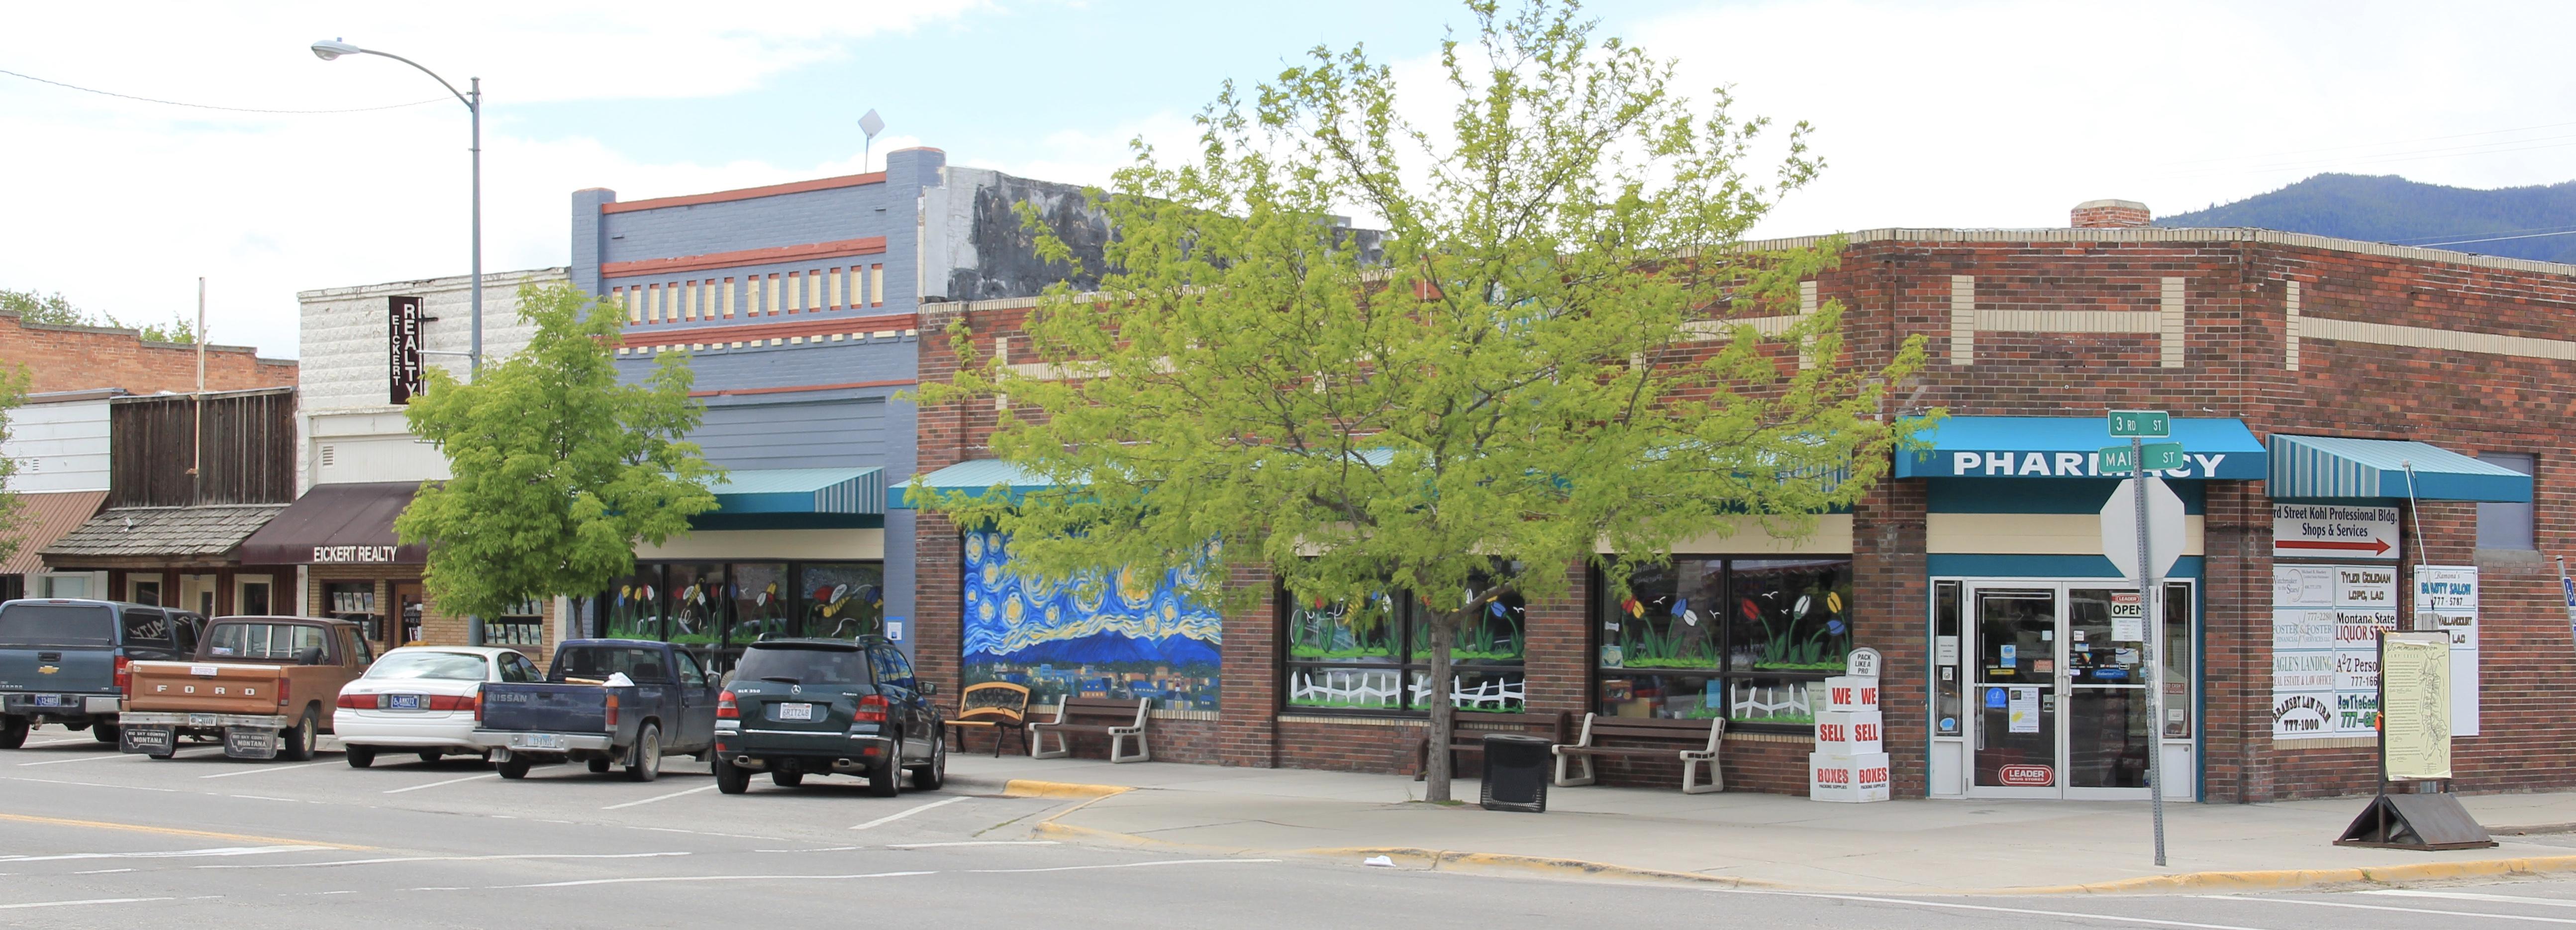 Stevensville Main St, 300 block odd